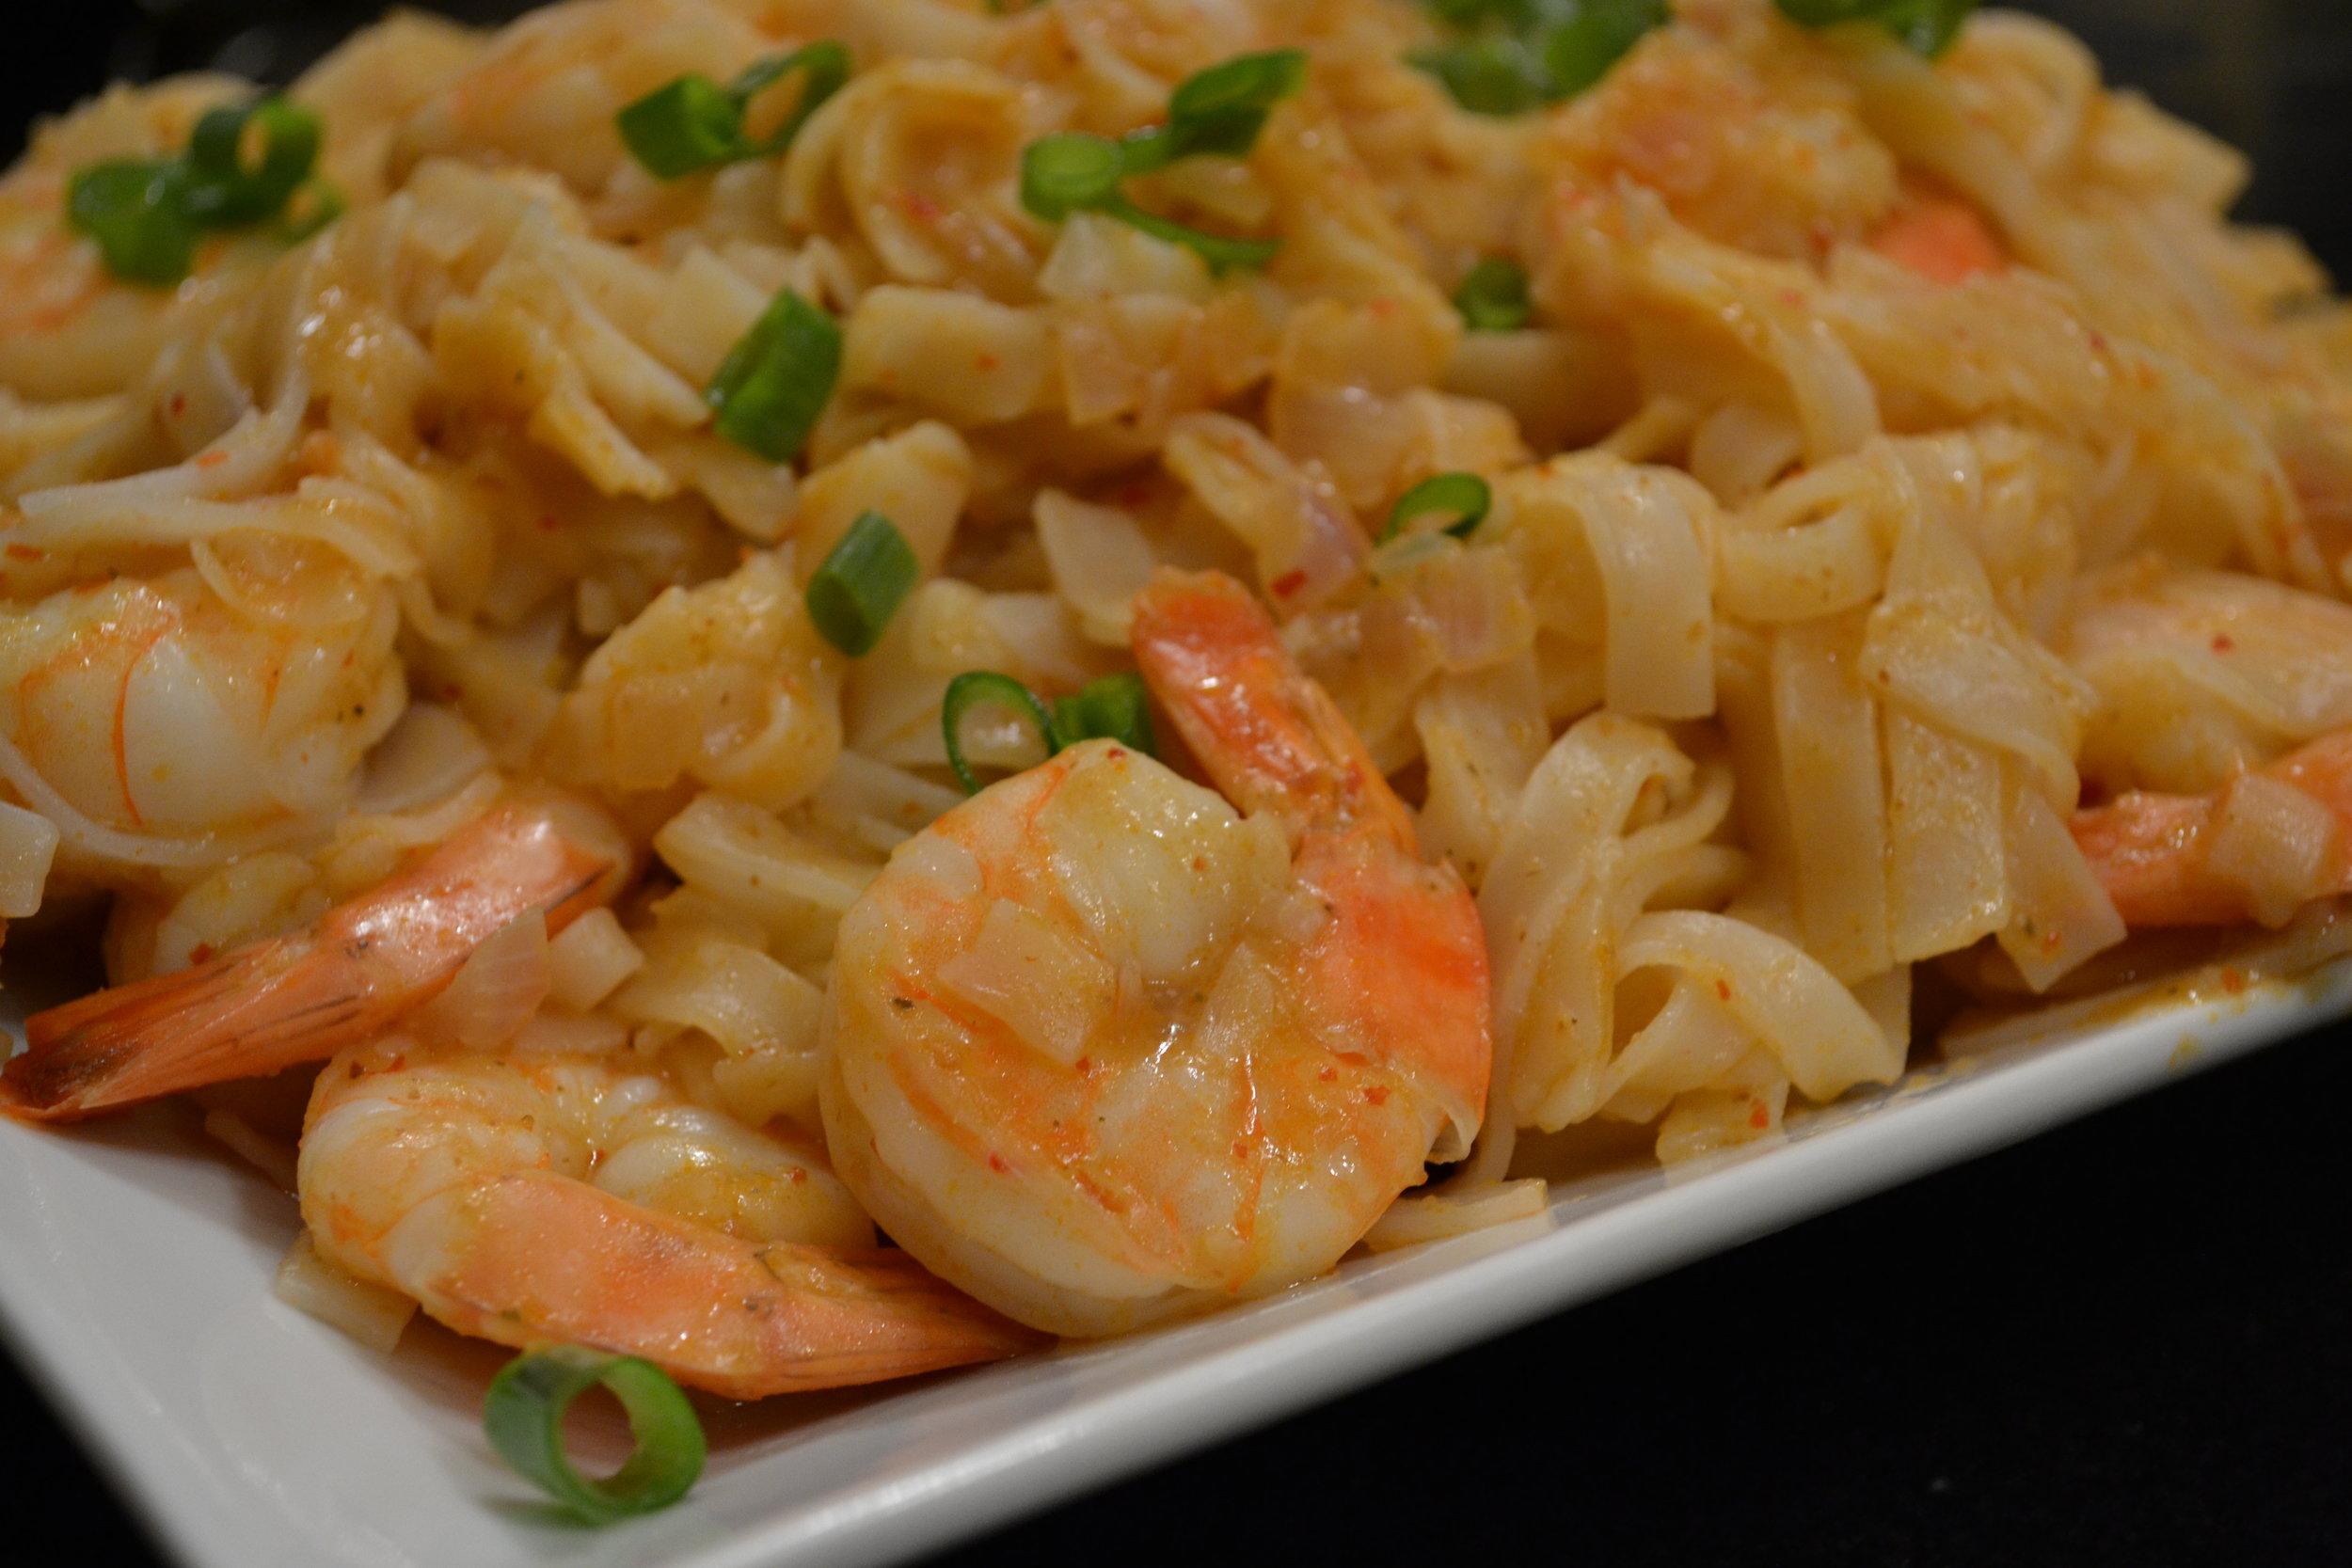 Lemon Grass Shrimp & Rice Noodles